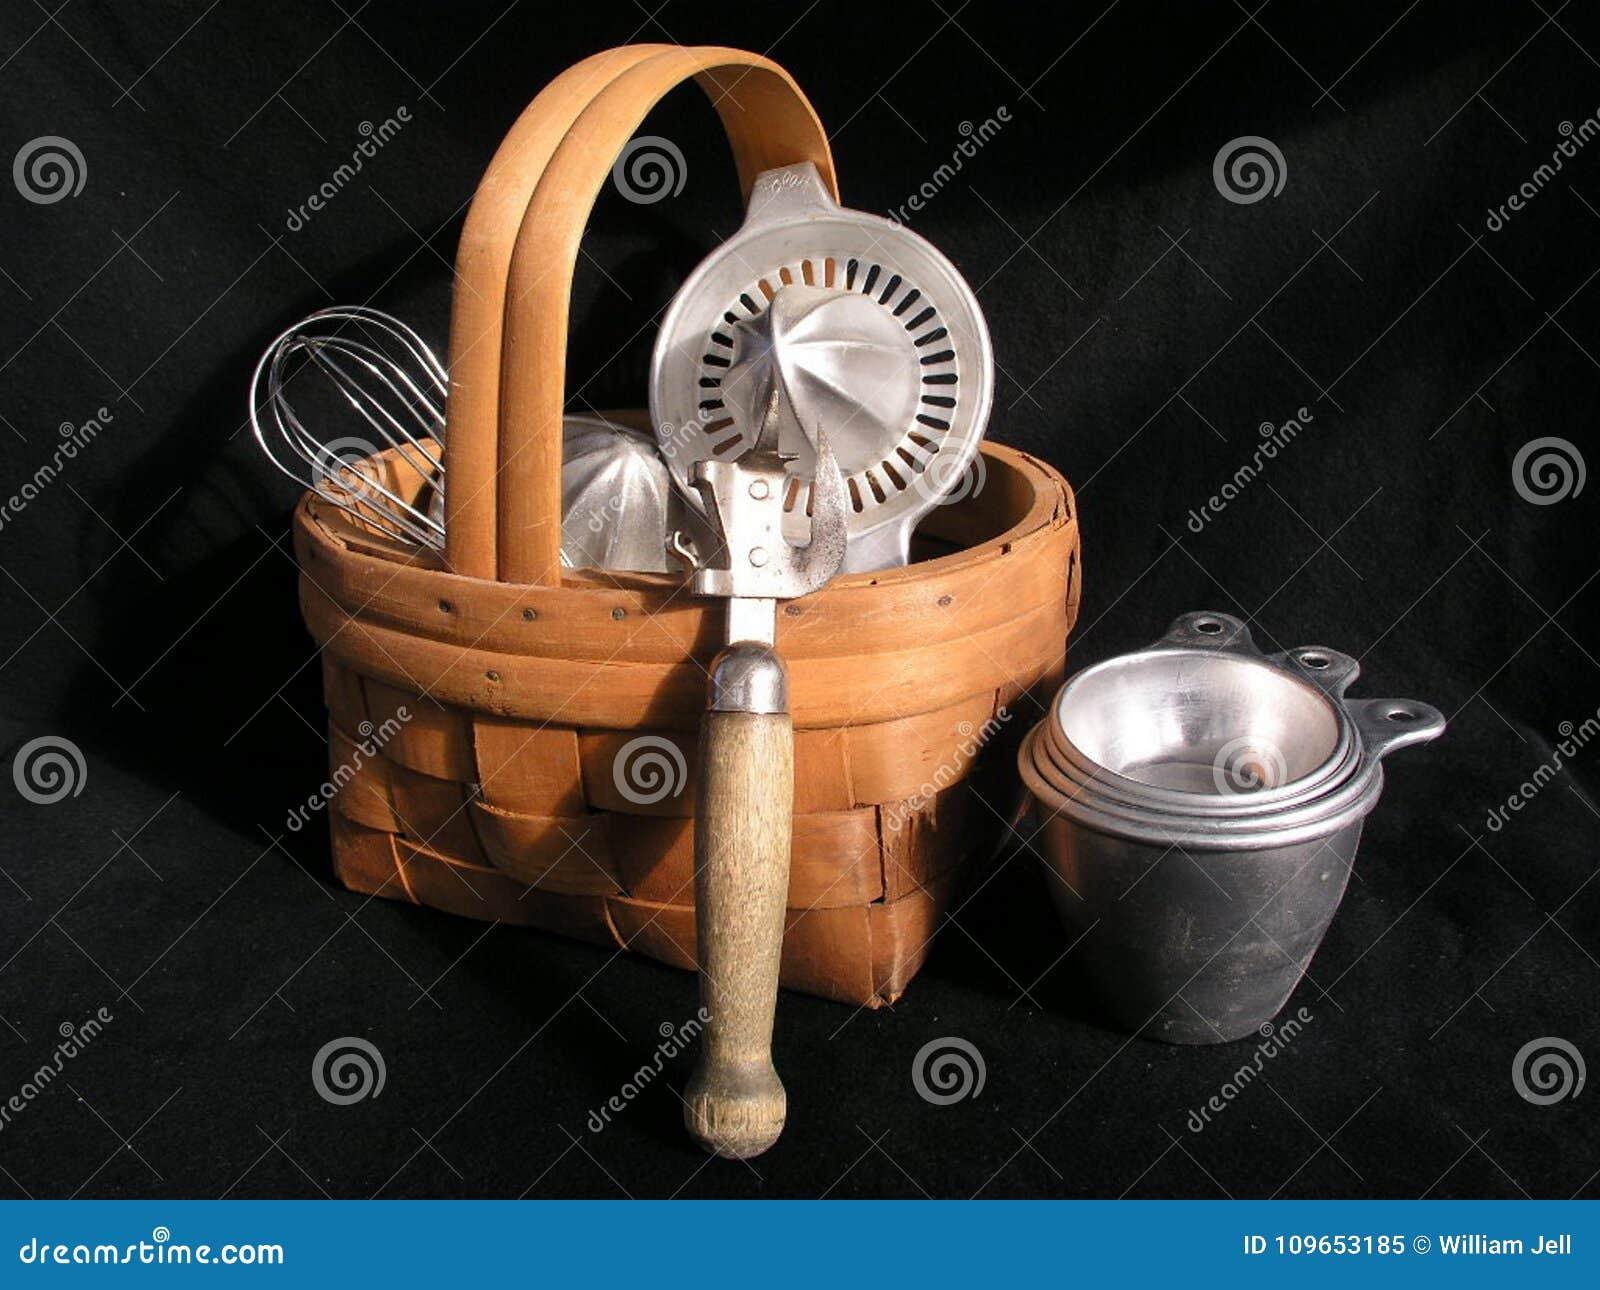 Stillleben von Retro- Küchen-Geräten im Weidenkorb